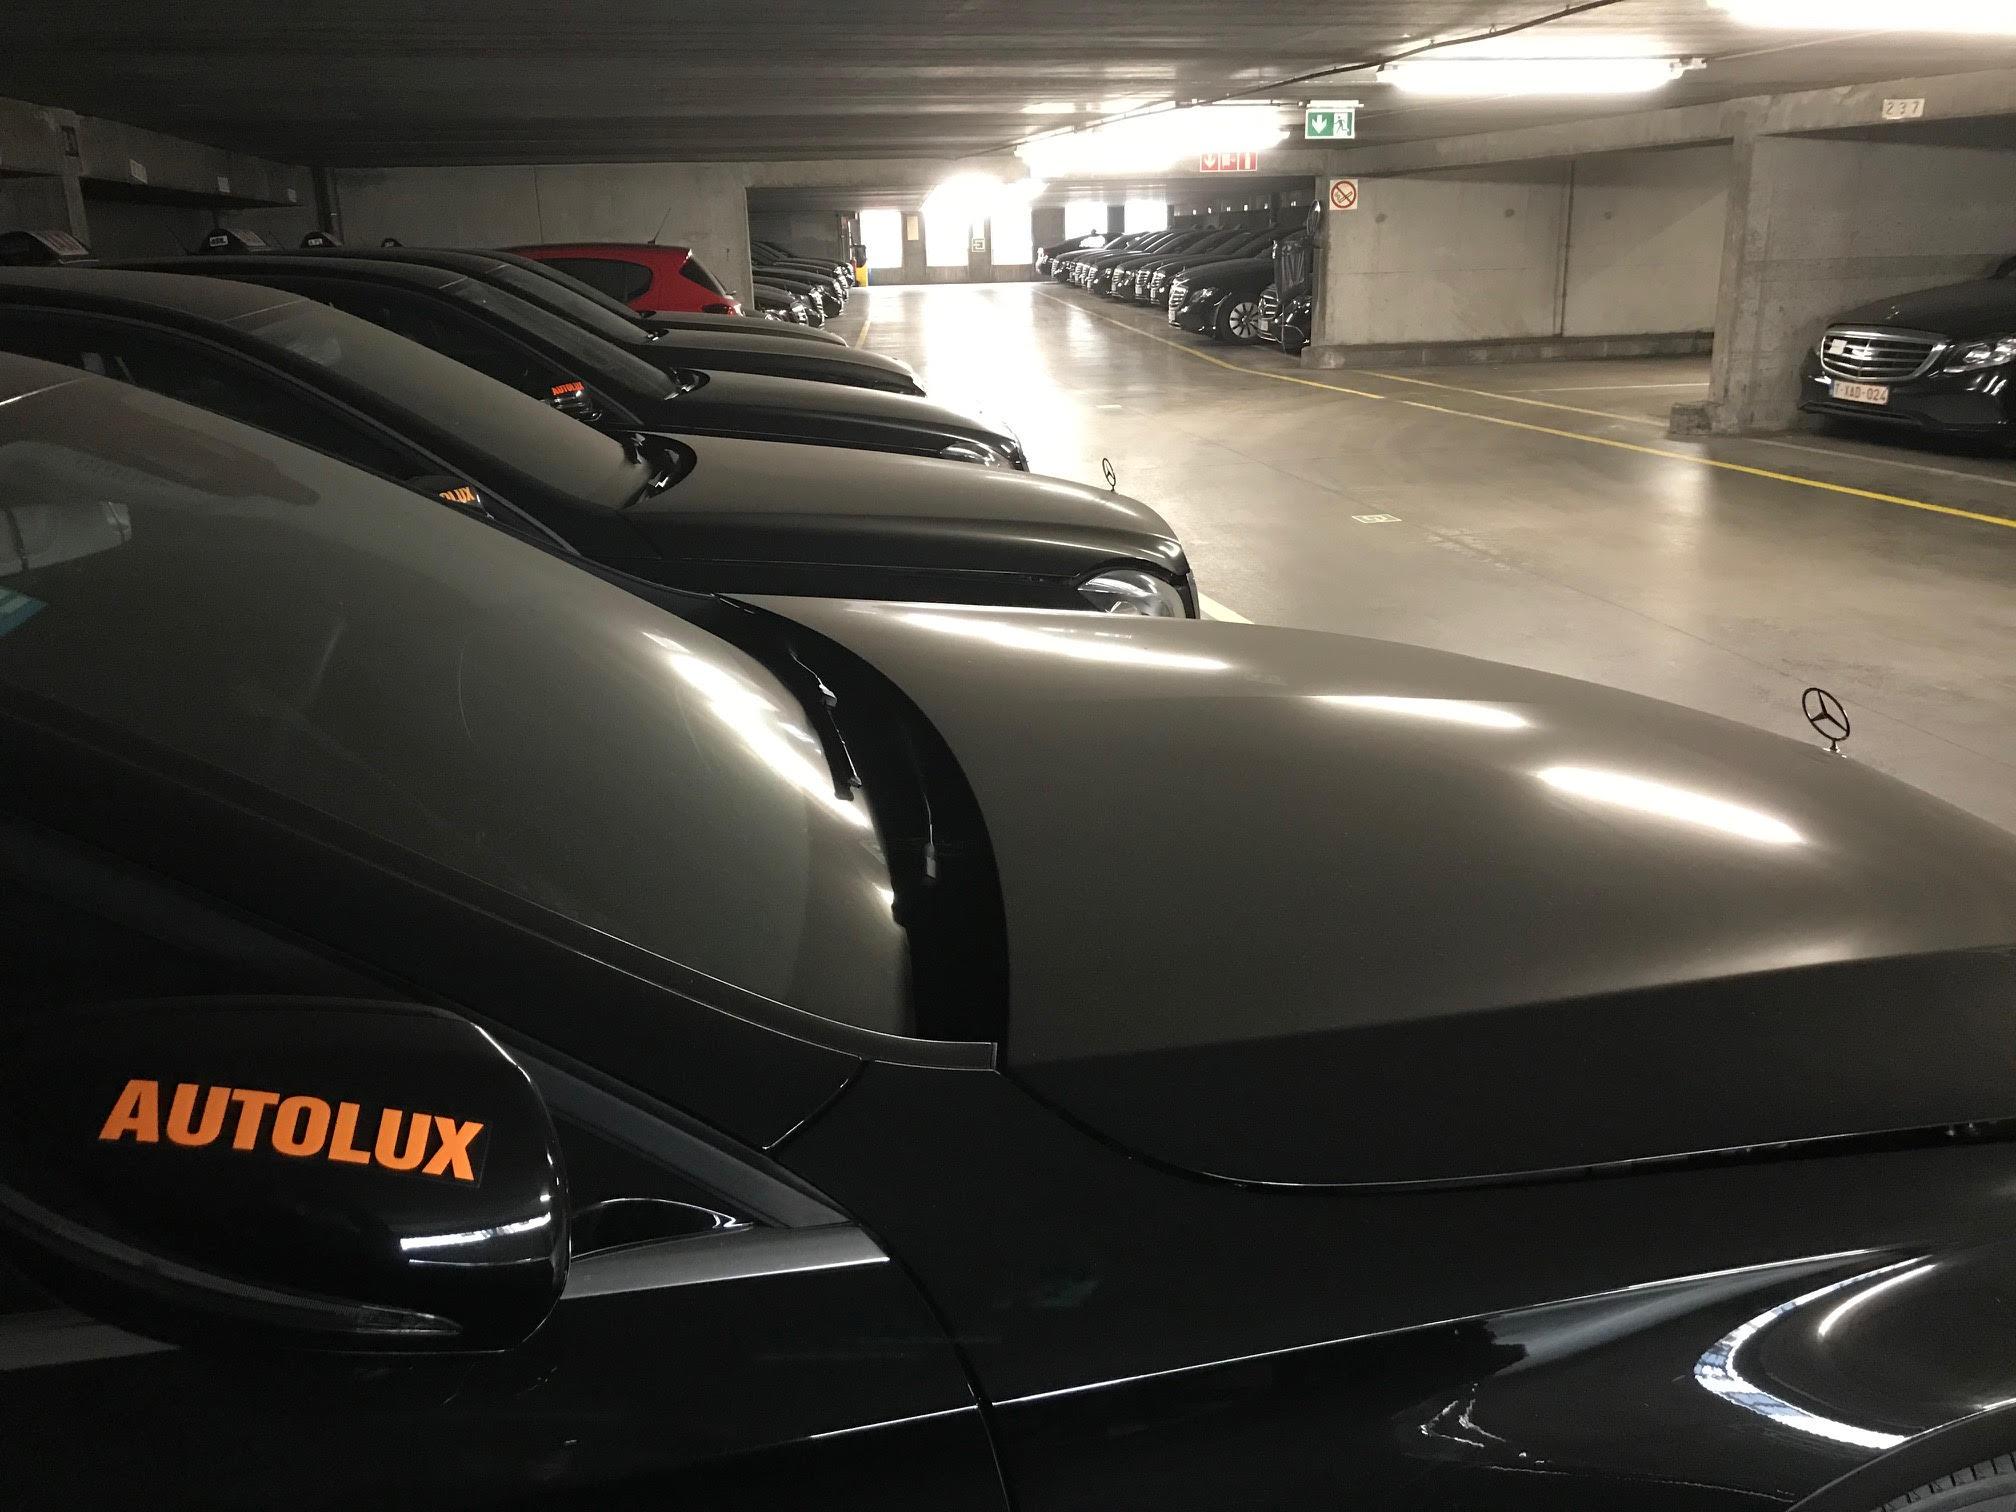 Garage Autolux in Zaventem puilt uit